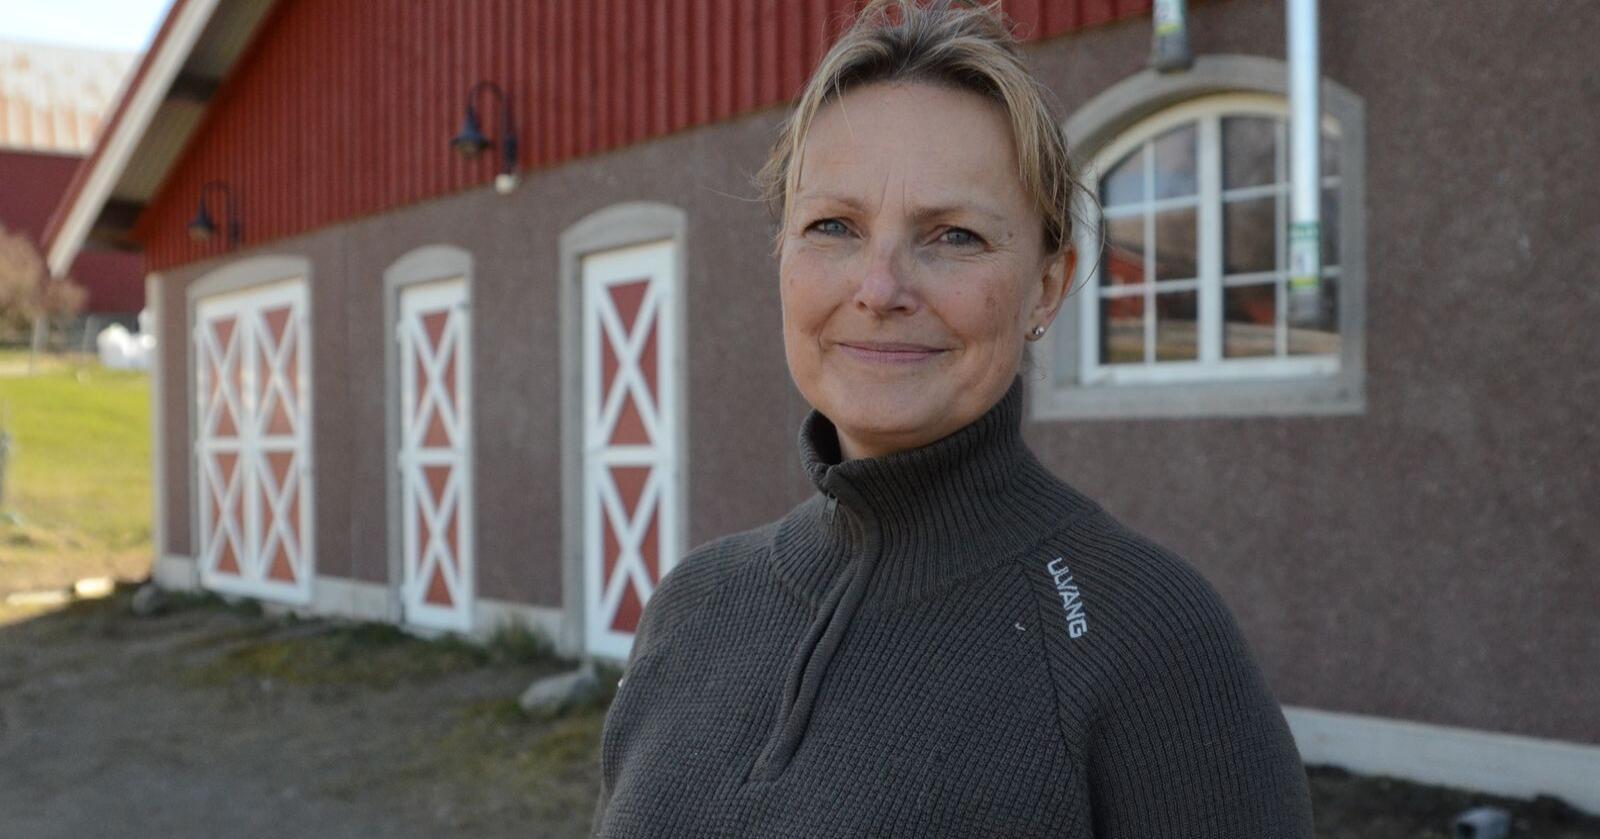 Trine Hasvang Vaag har vært styreleder i Nortura siden 2017. – Hensikten med gjennomgangen er å avdekke svakheter og identifisere rom for forbedringer, forklarer Hasvang Vaag. (Arkivfoto)